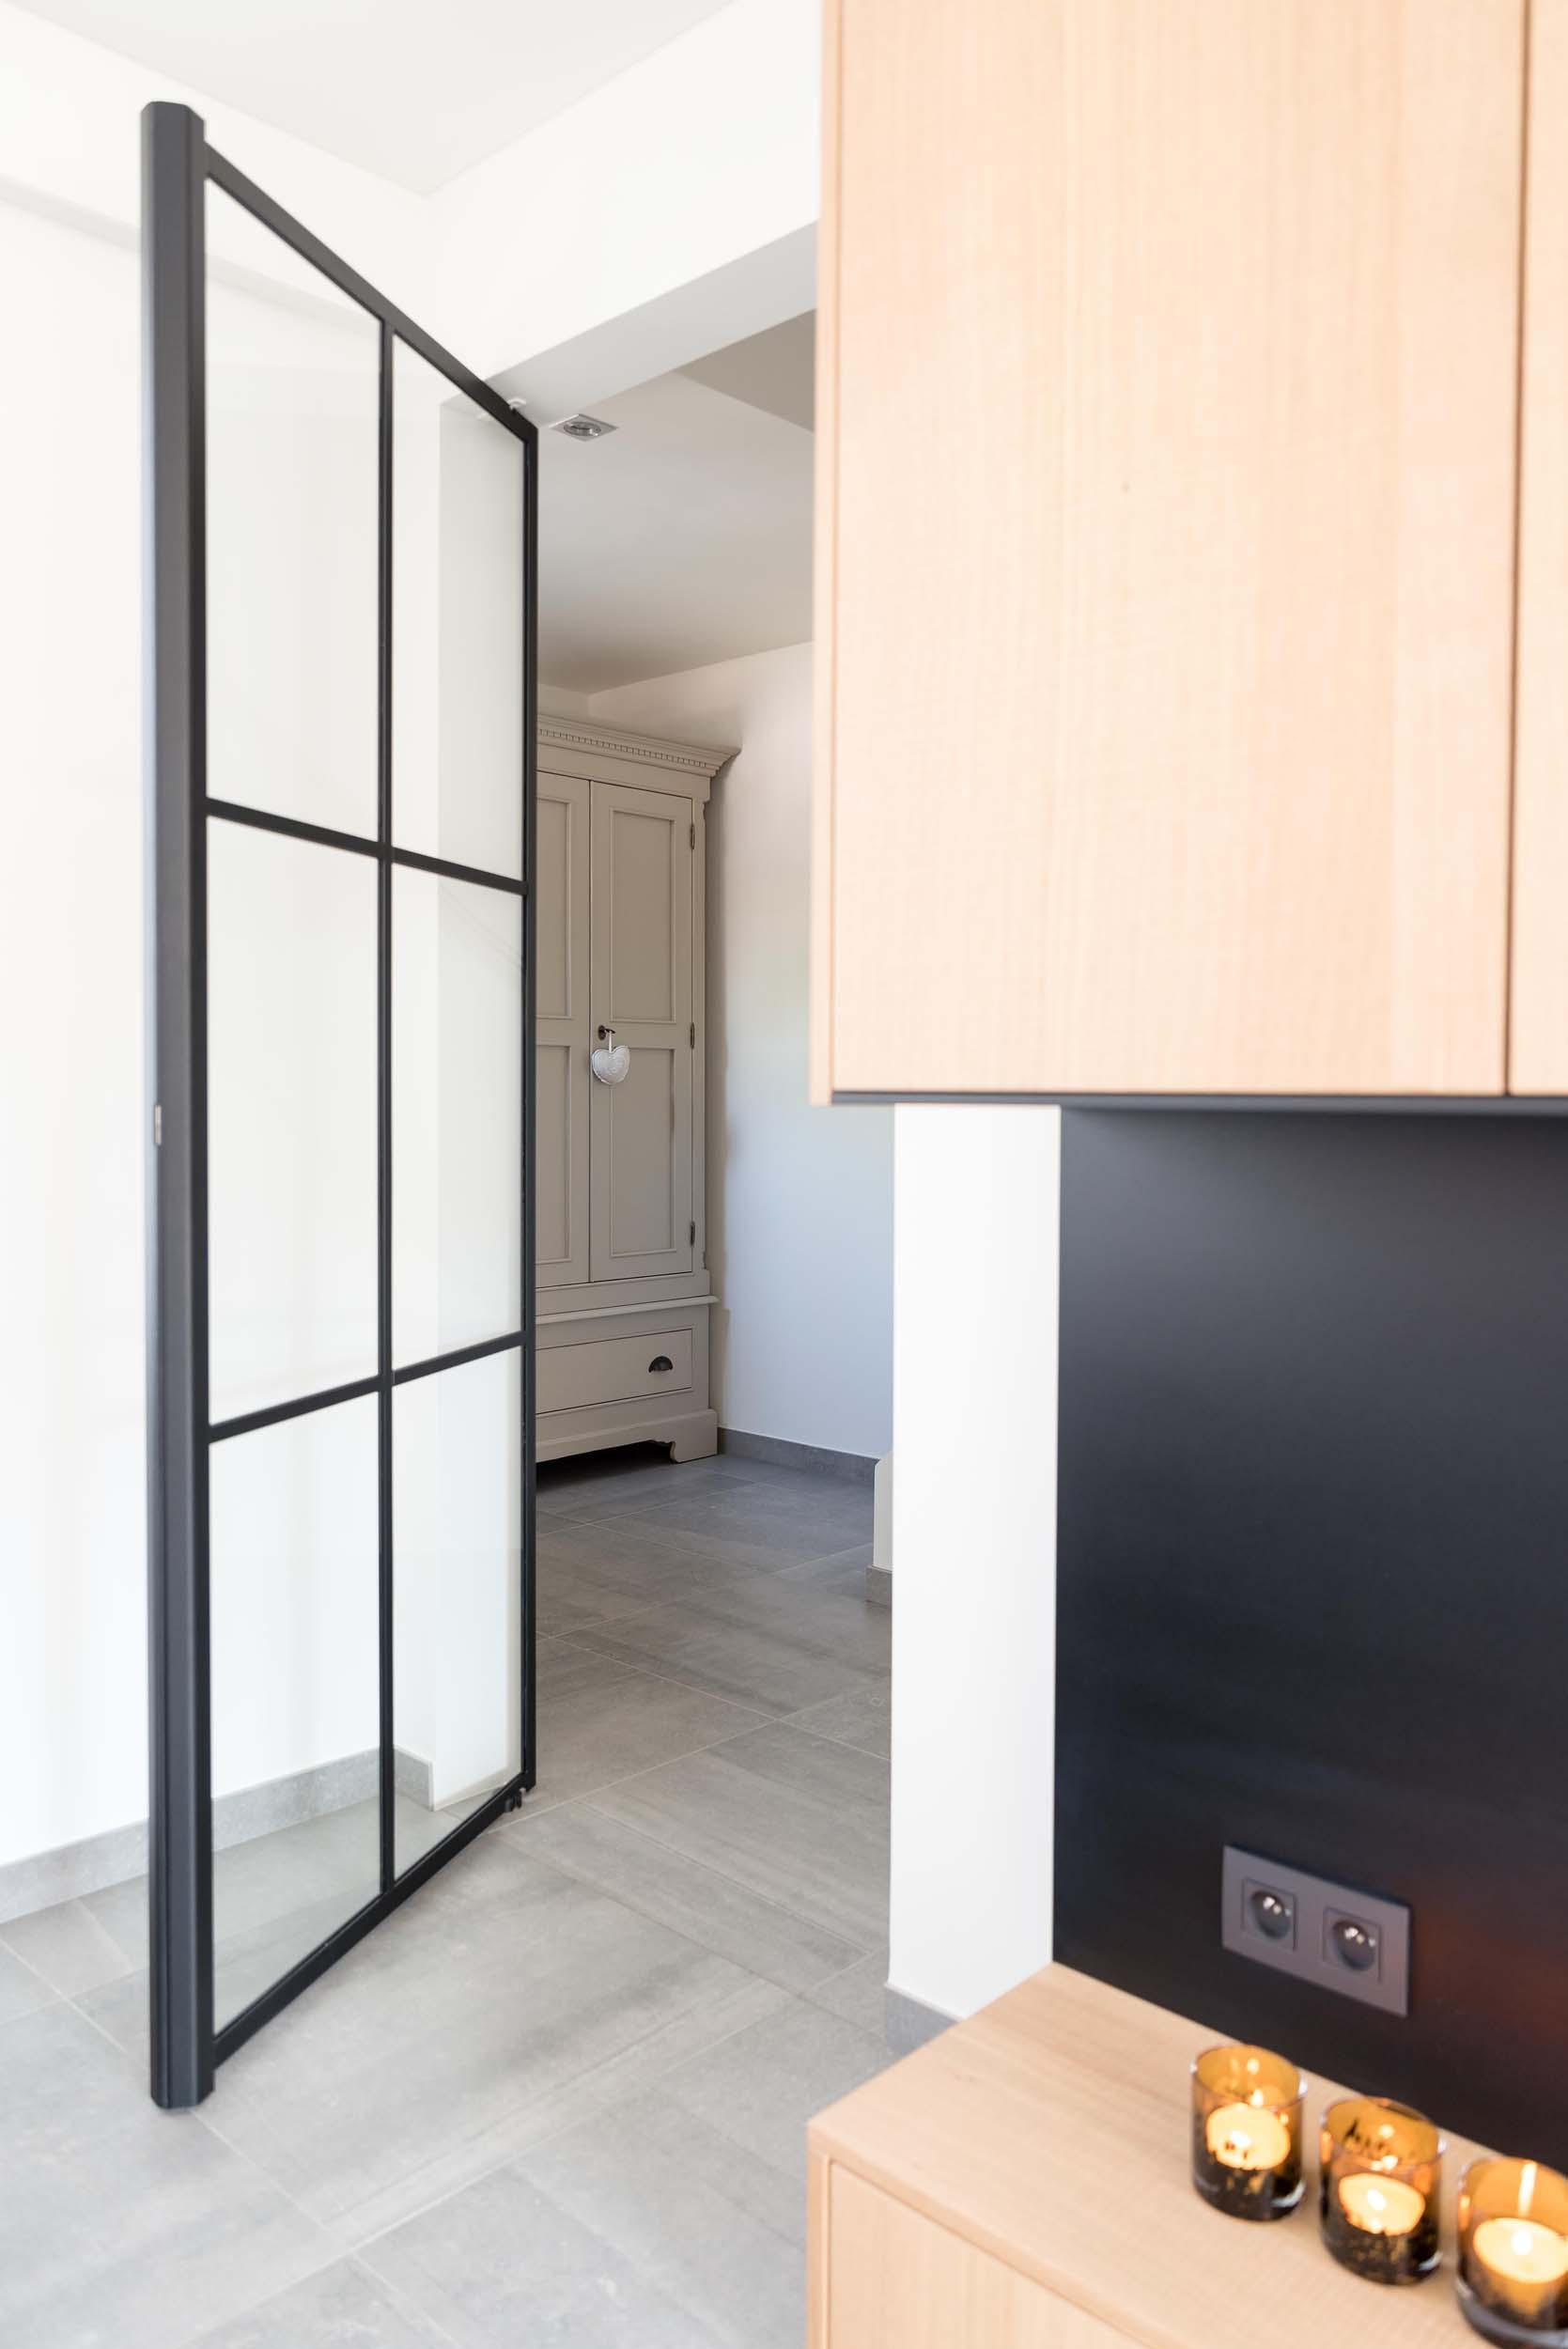 Vanda-projects-interieurinrichting-meubelmakerij-oost-vlaanderen-six-marke-deur